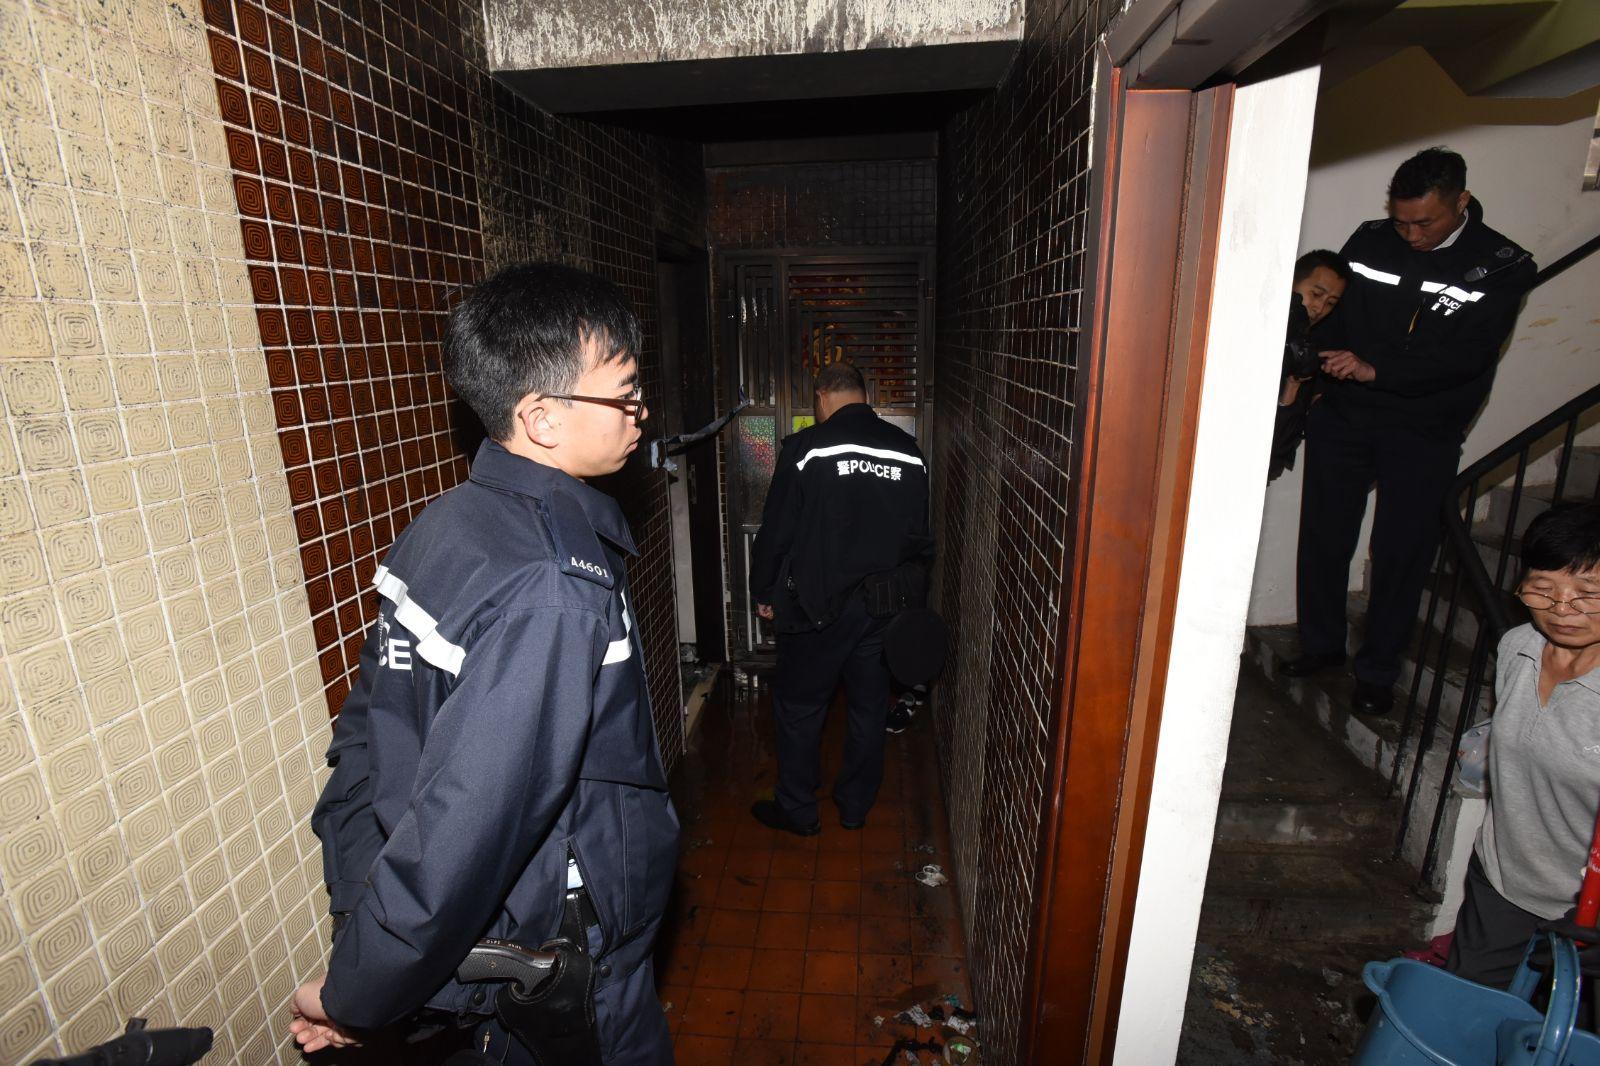 火警現場由警員看守。